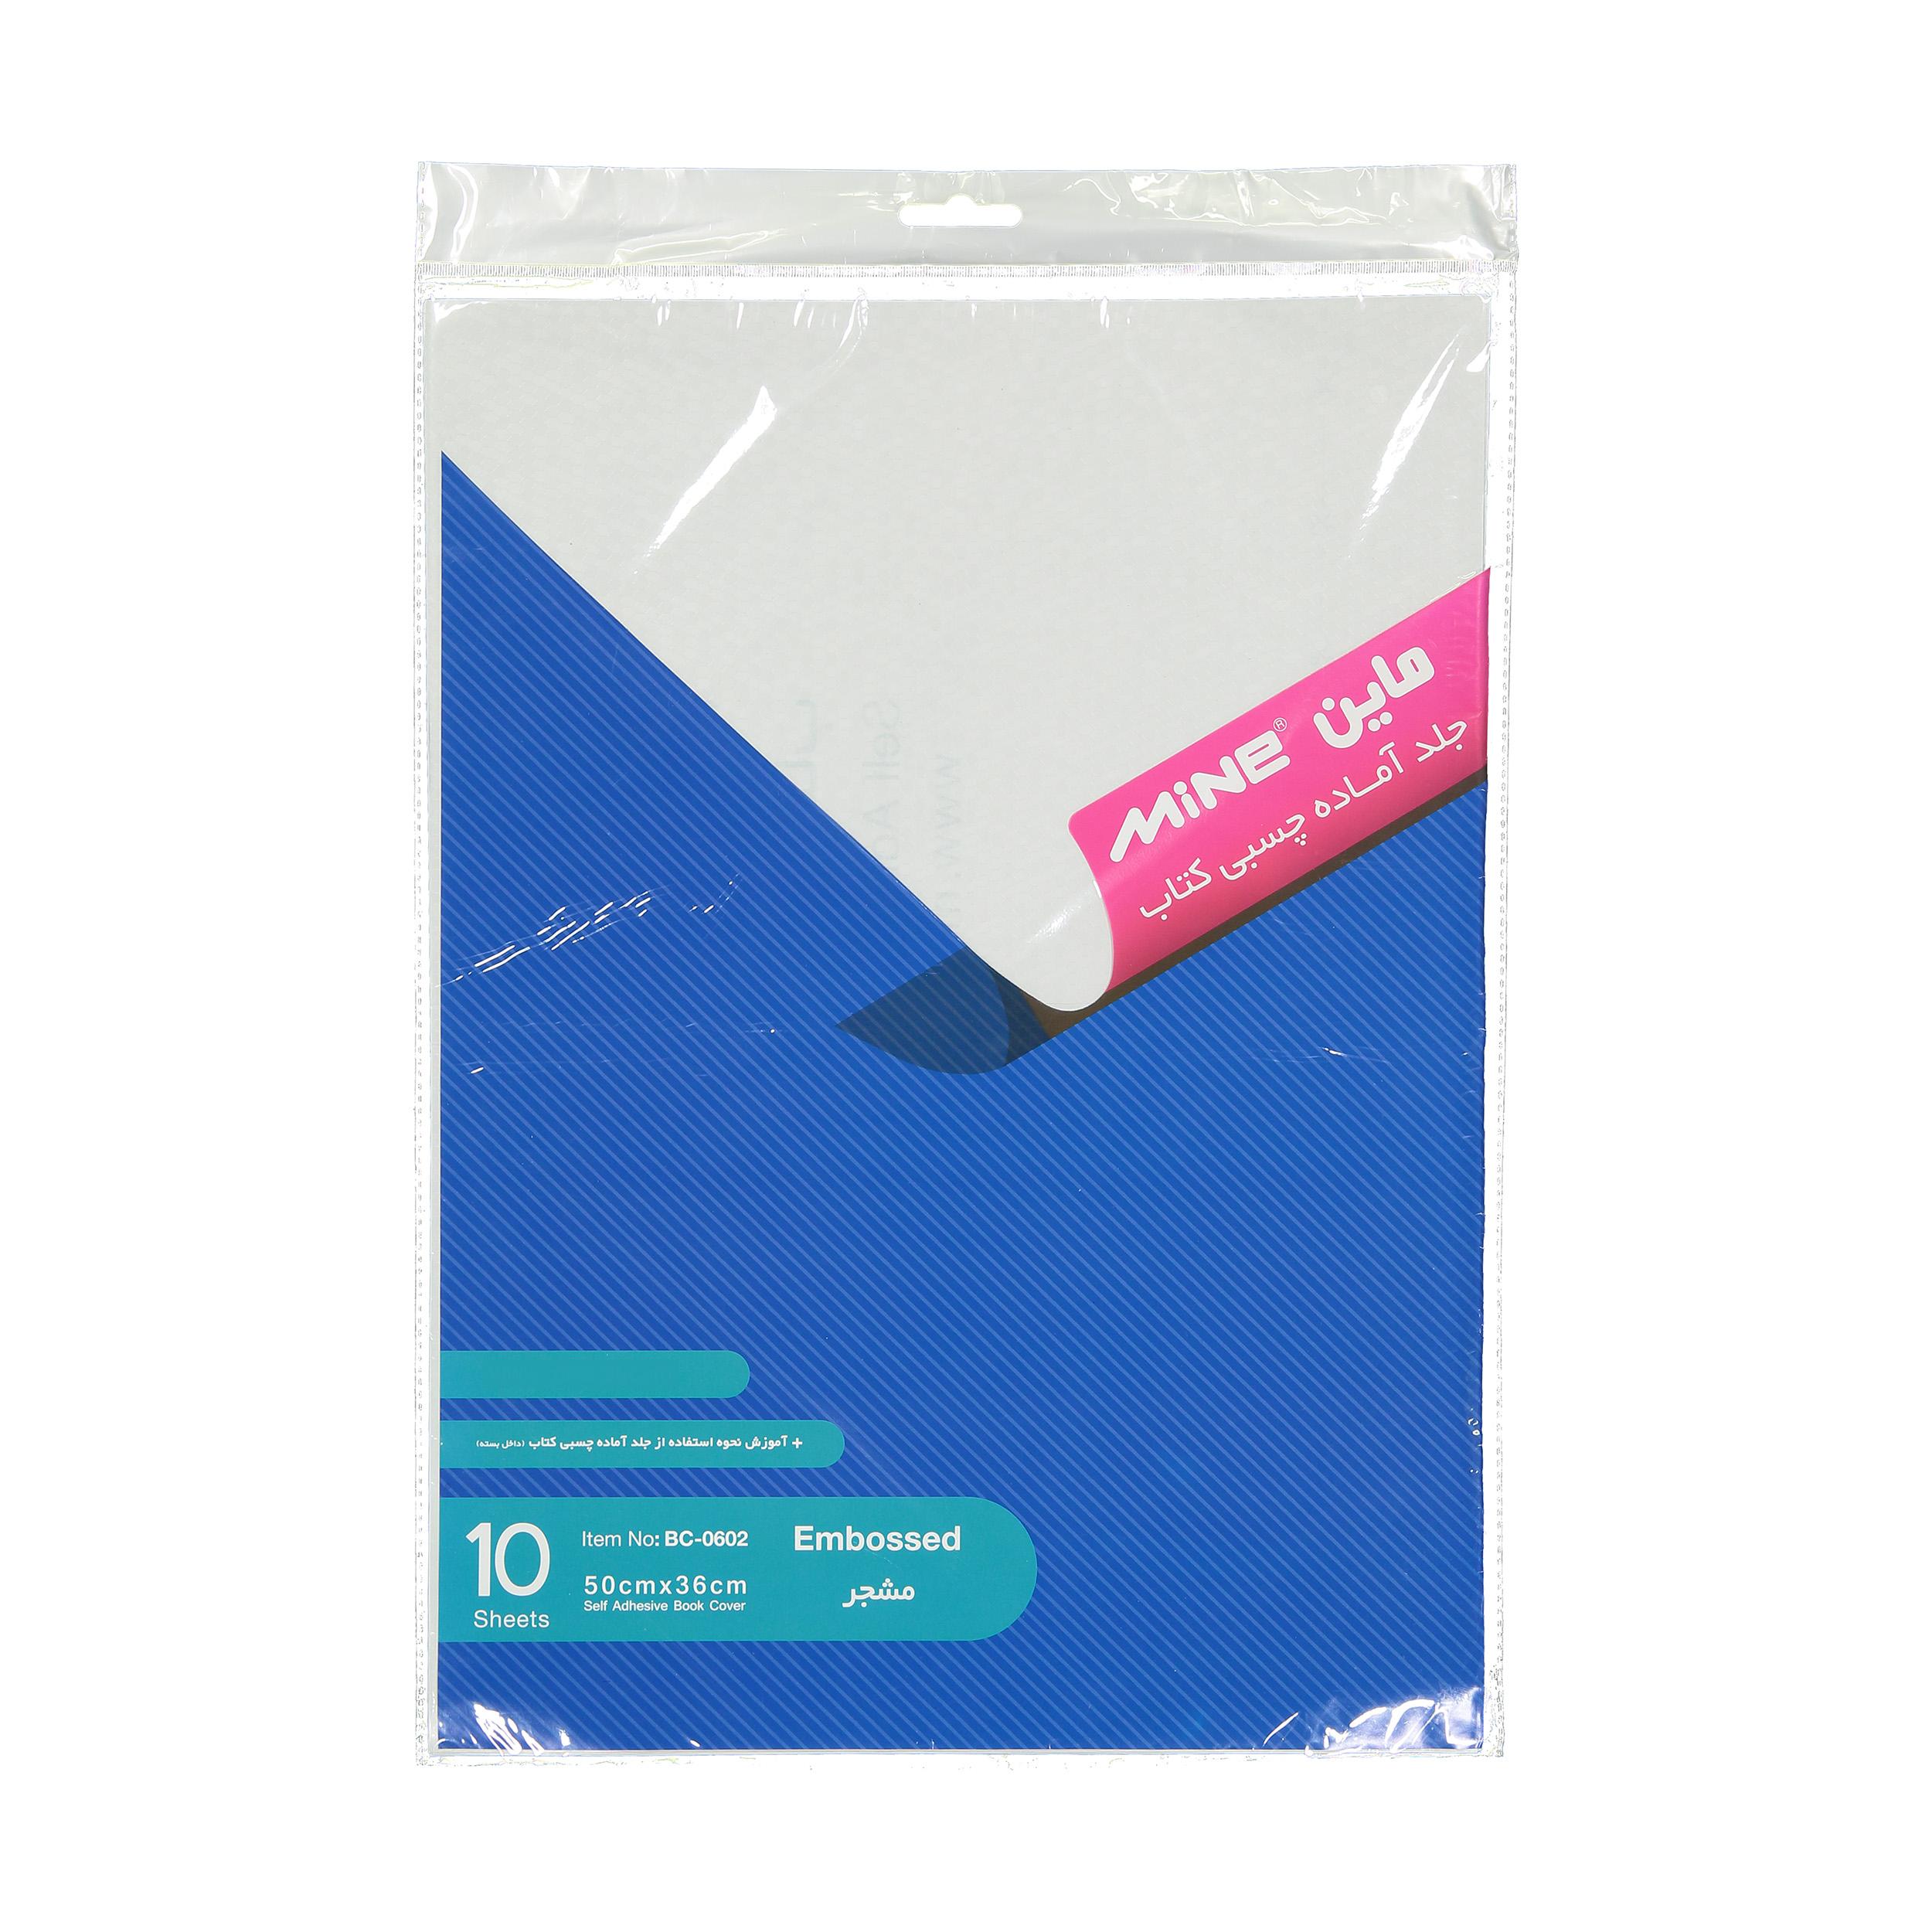 جلد چسبی کتاب ماین مدل BC-0602-1 بسته 10 عددی